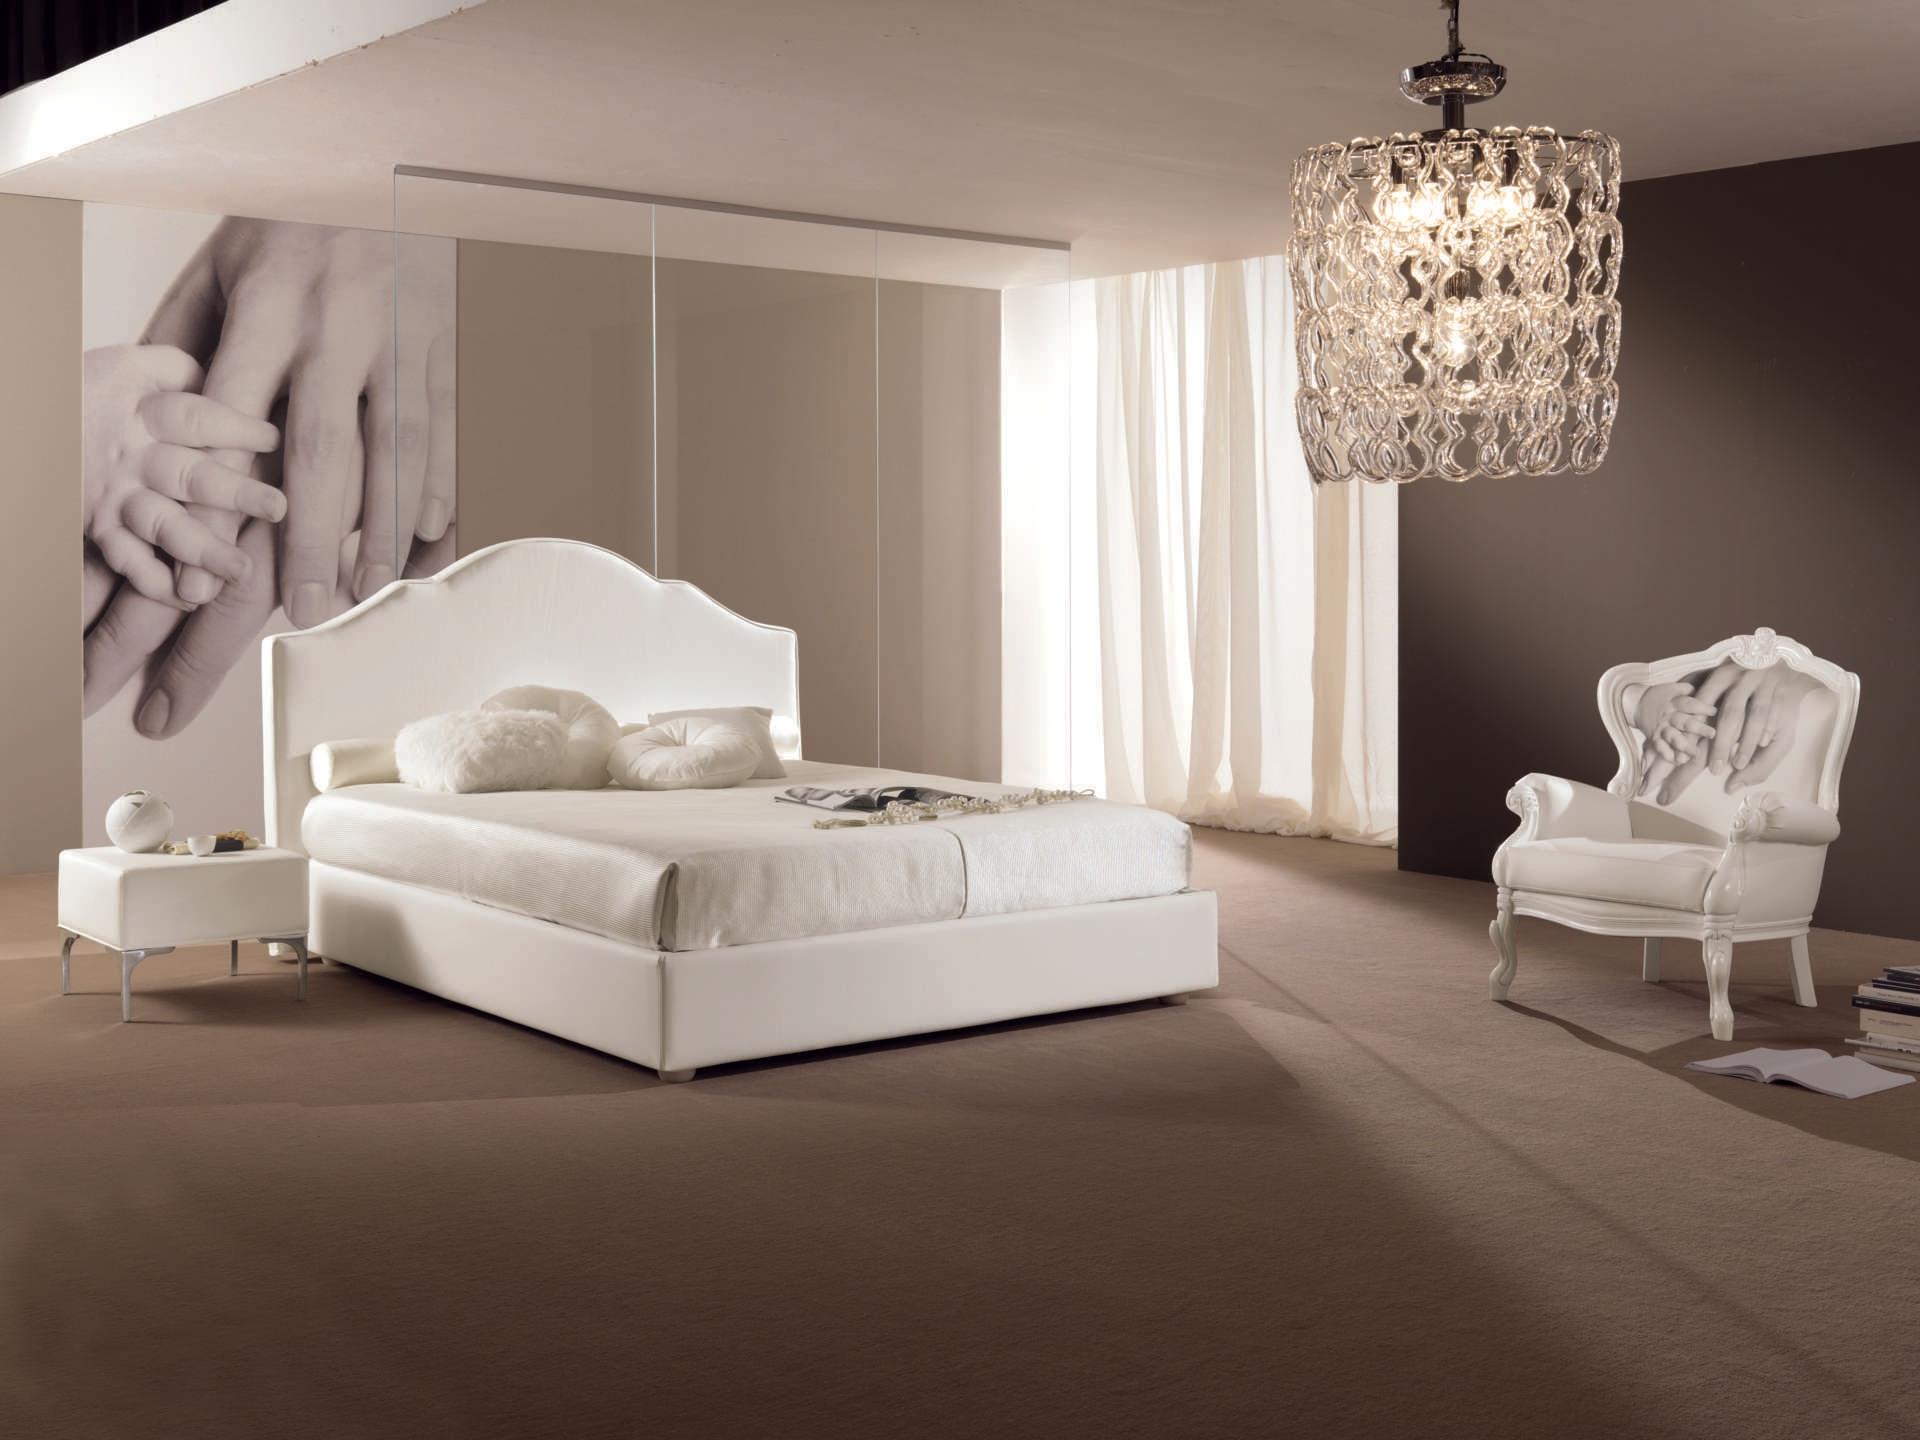 Chambre  coucher avec lit 2 places design  pure PIERMARIA  SO NUIT